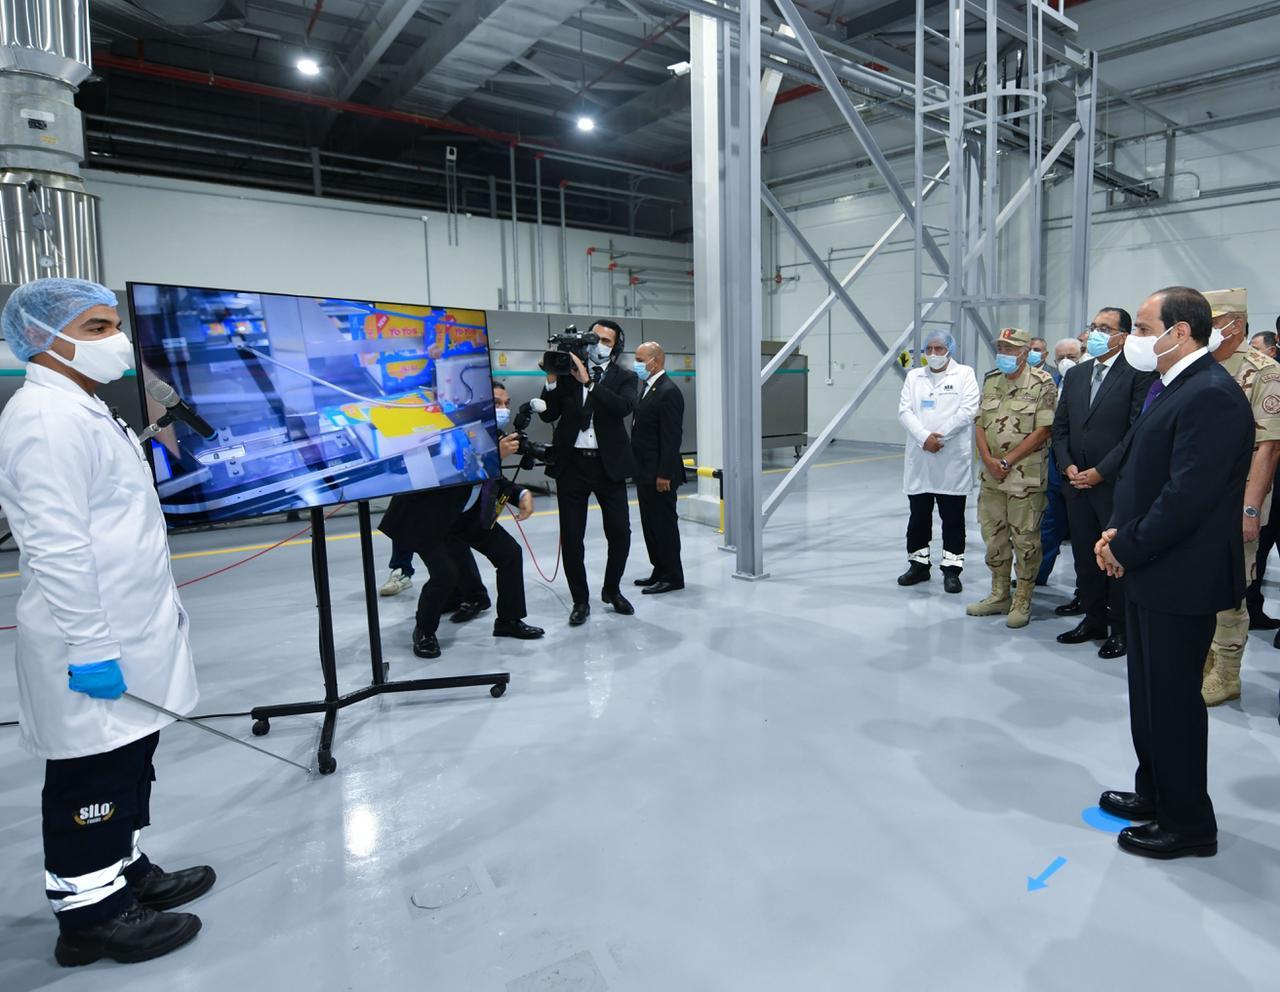 افتتاح الرئيس المدينة الصناعية الغذائية سايلو فودز9